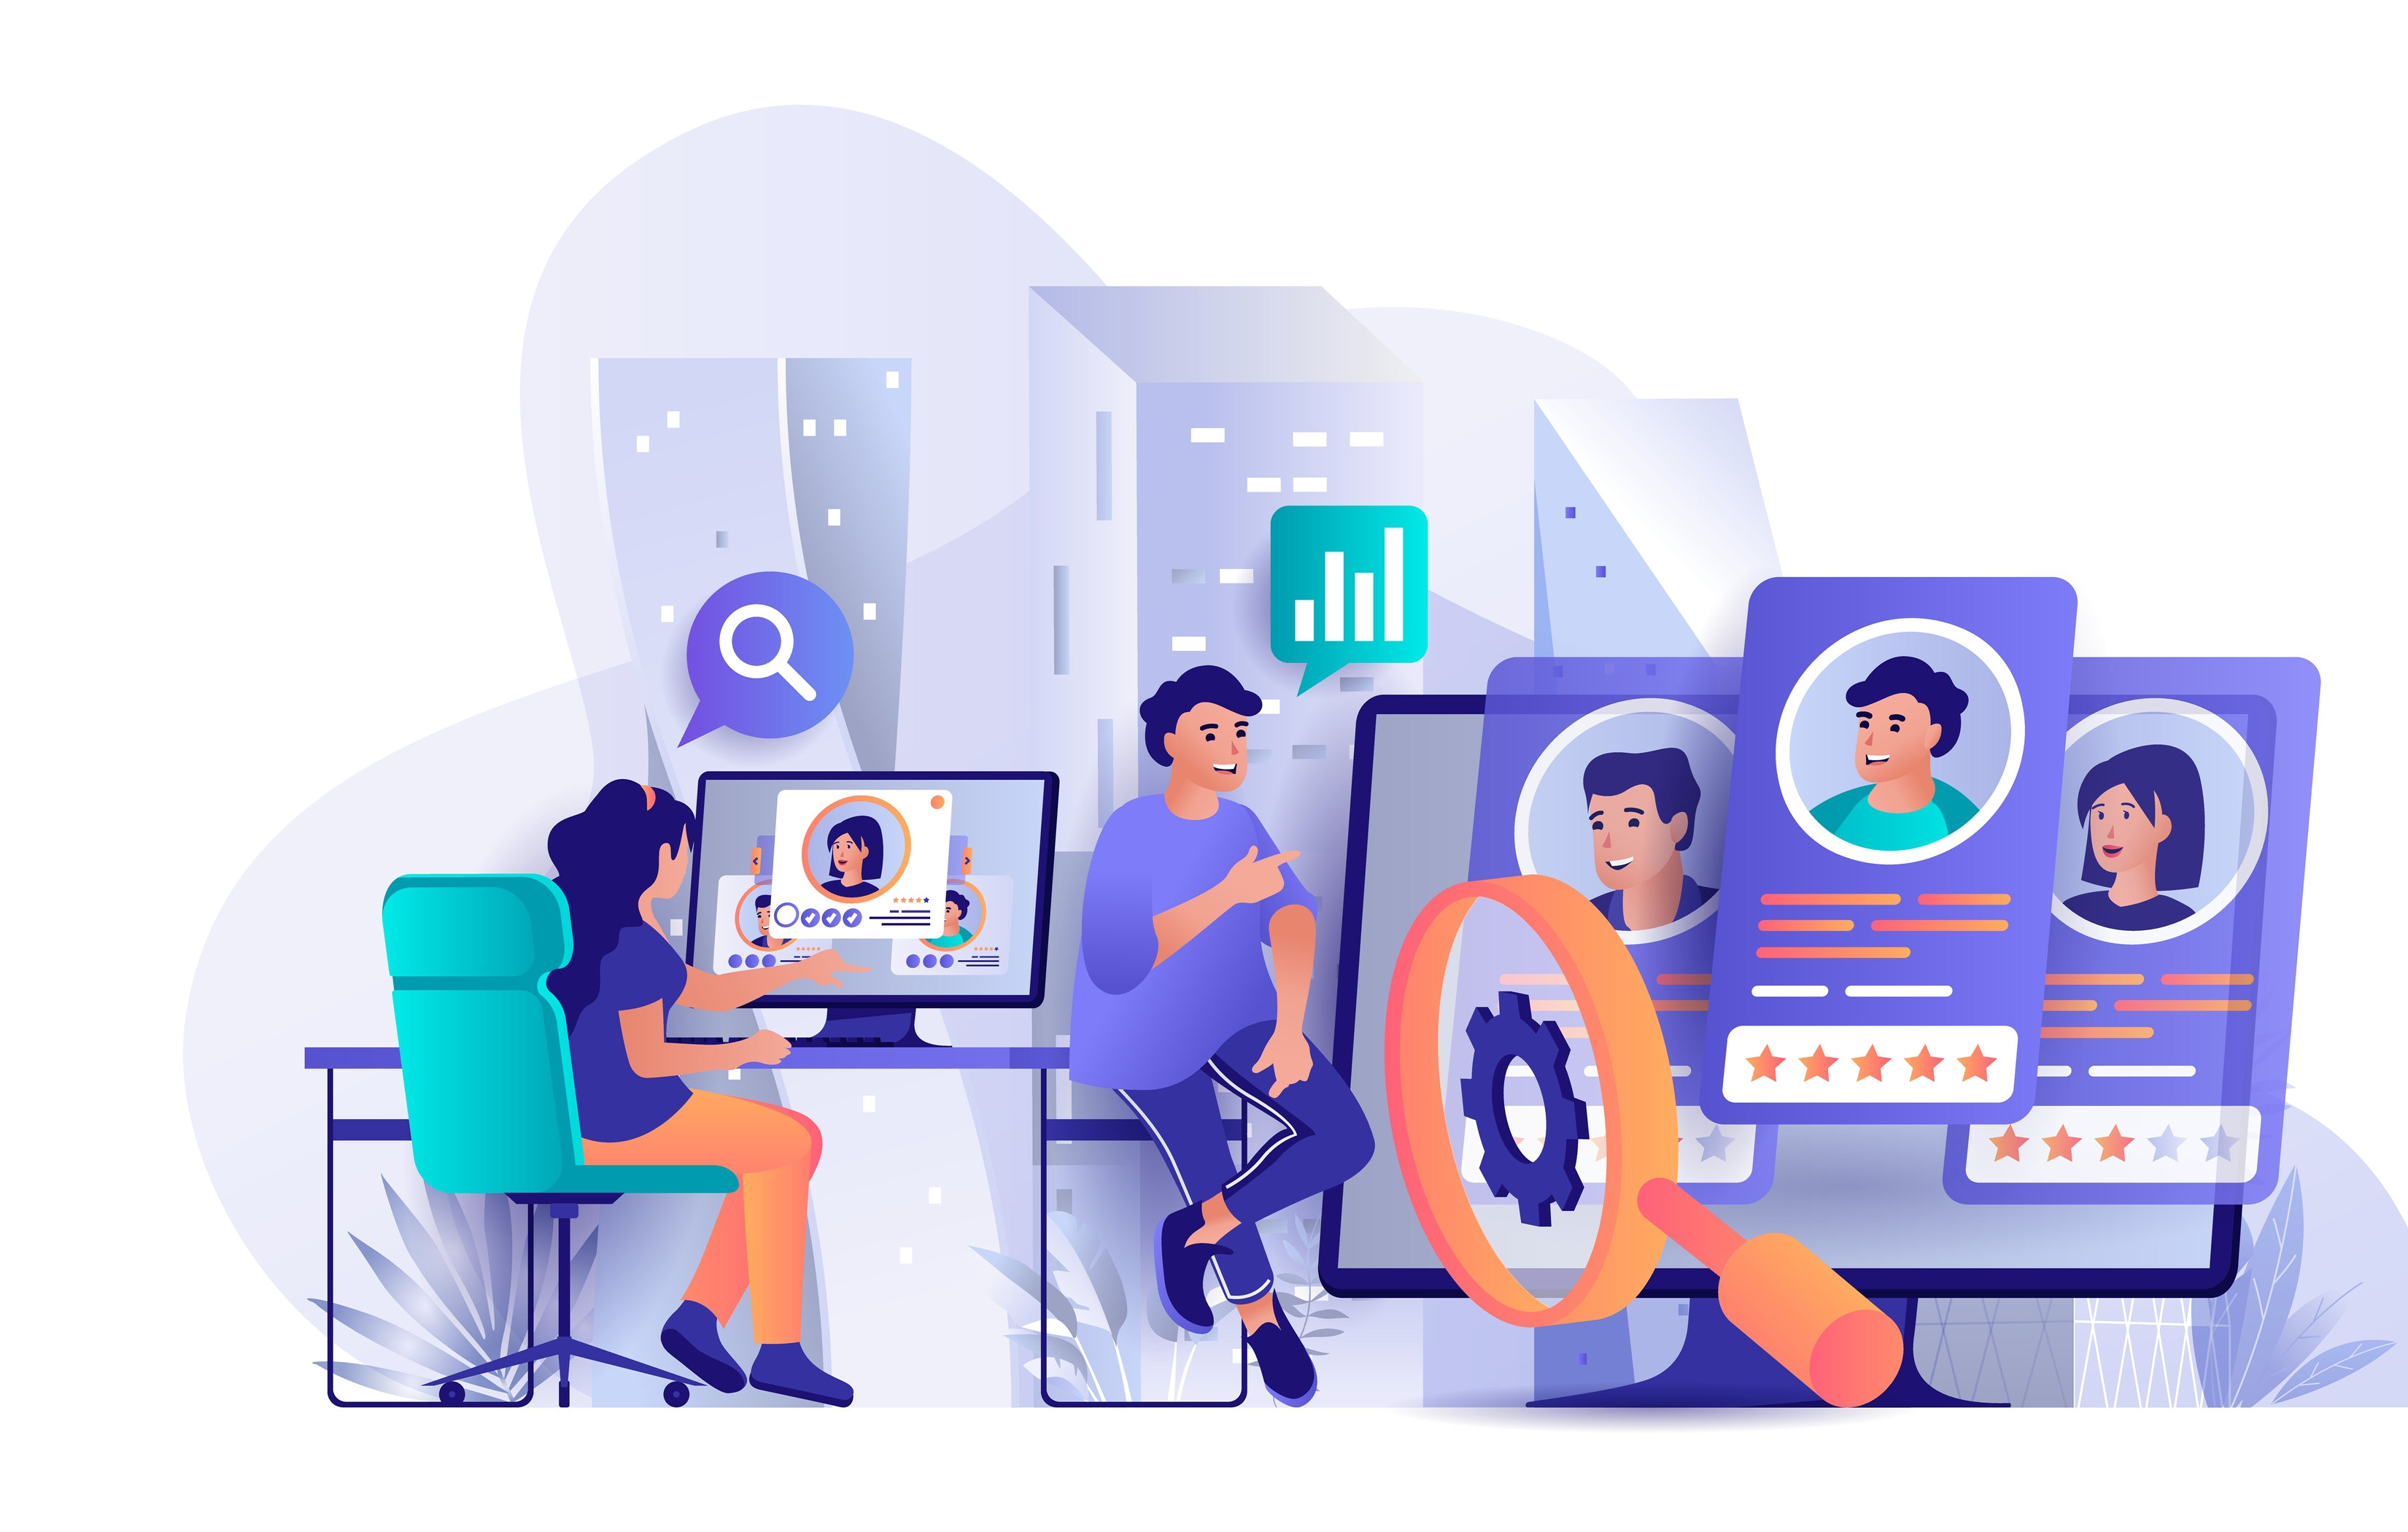 A esquerda uma recrutadora sentada em frente ao computador, analisando perfis de candidatos e, a direita, um homem com uma lupa grande analisando painéis de candidatos.